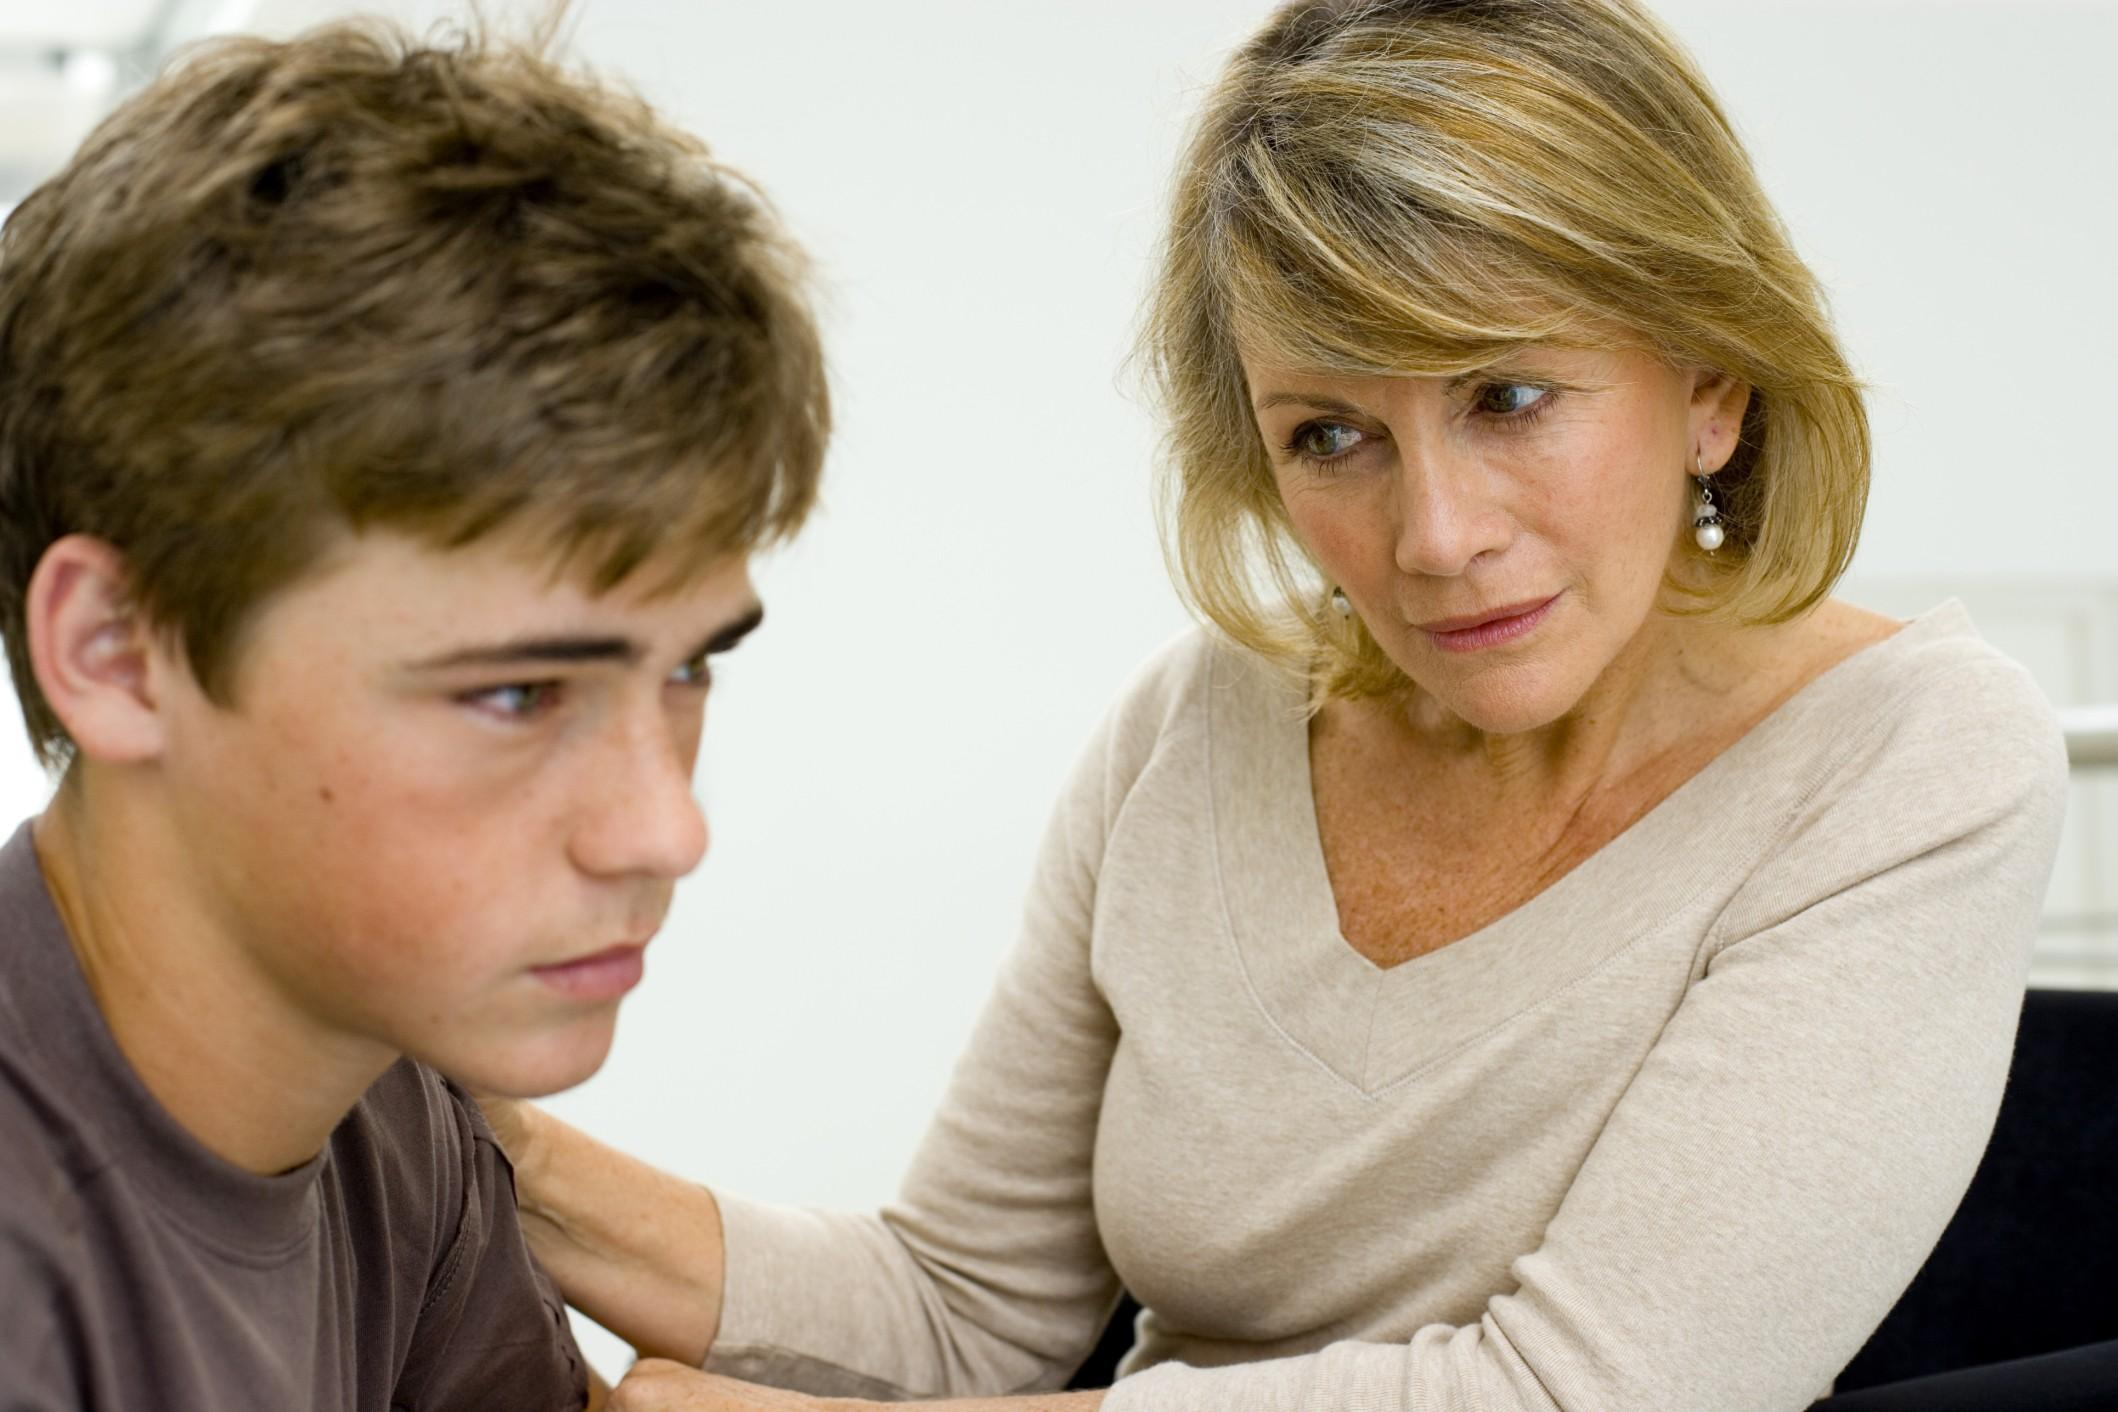 Genitori Vs Figli. Le frasi della manipolazione affettiva